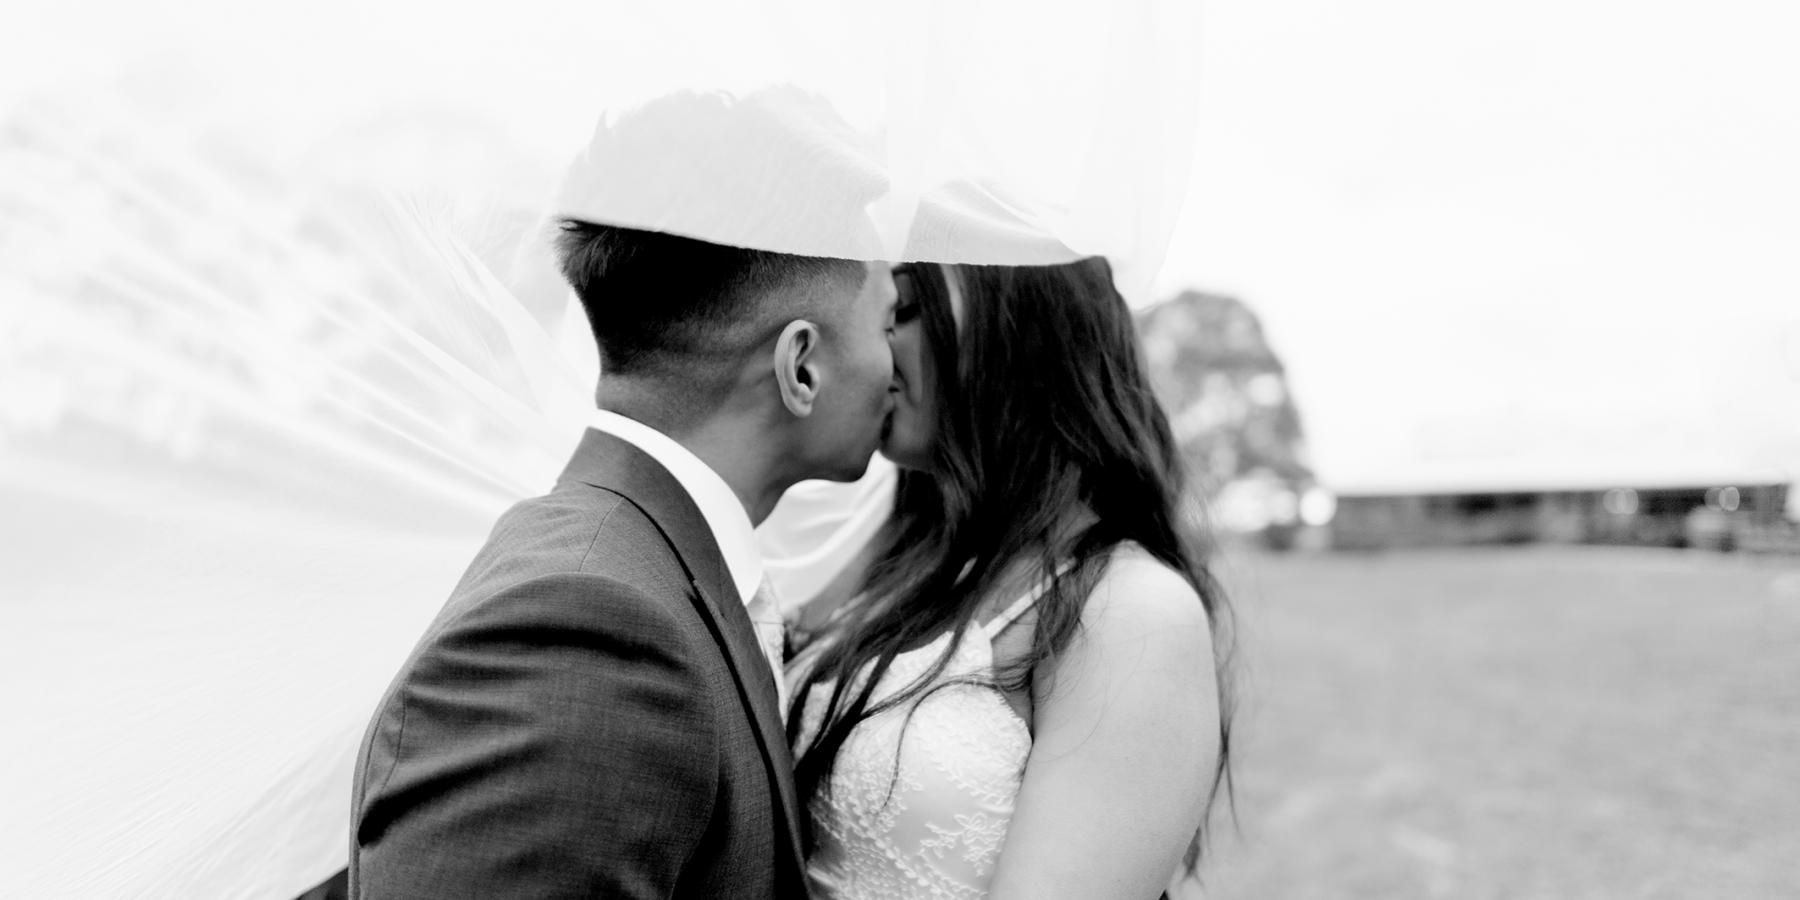 2Wild-Romantic-Photography-Wedding-Photography-Melbourne-Fondata-Eltham-190